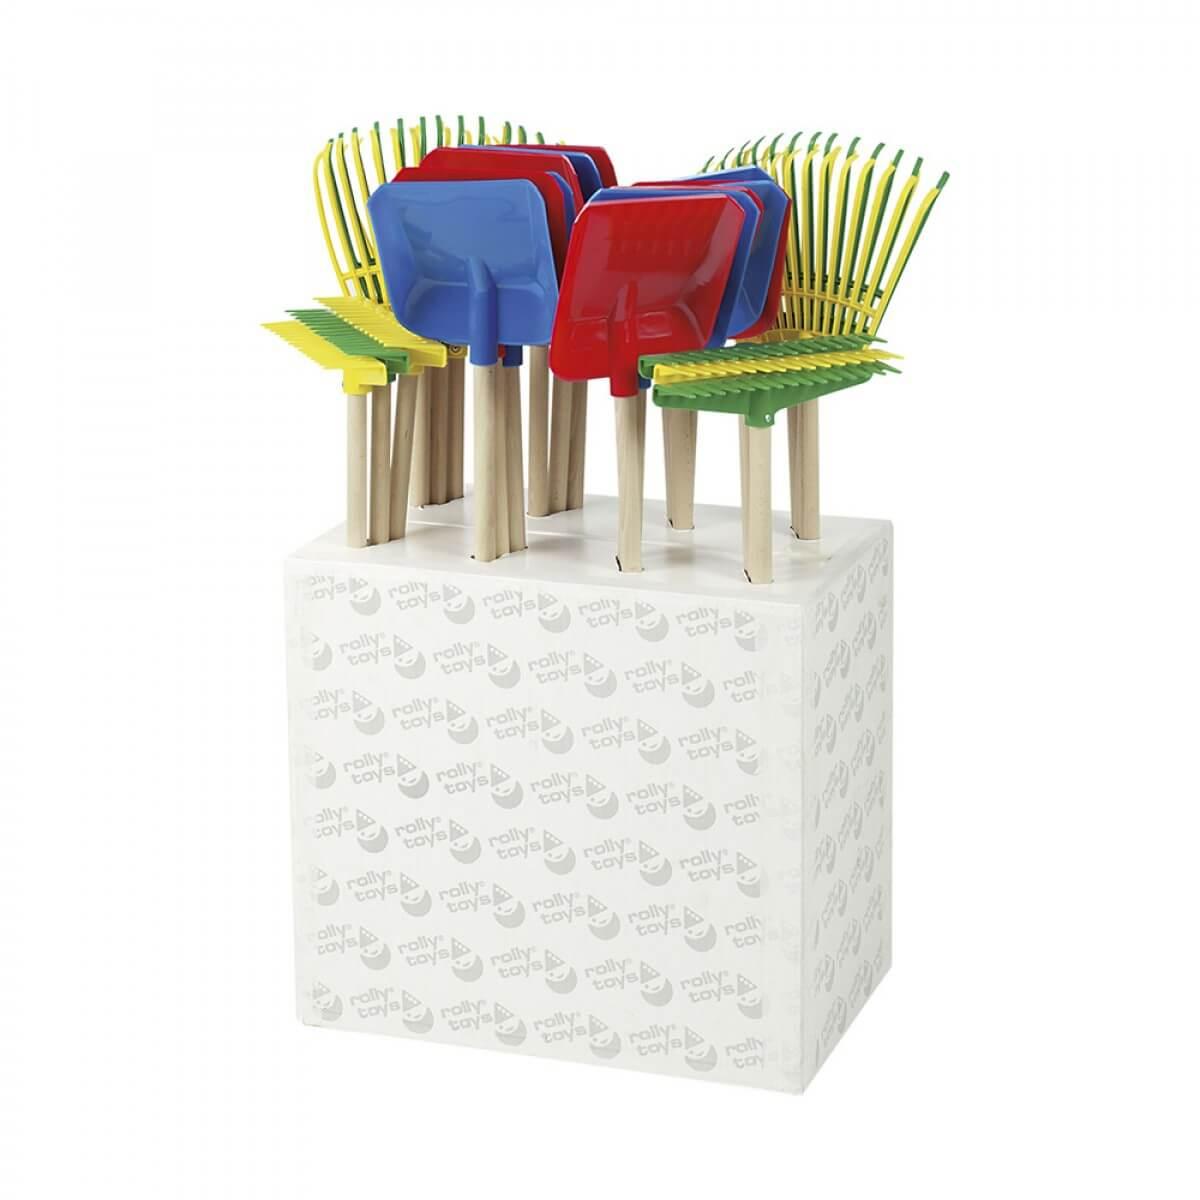 Rolly Toys kerti szerszámok készlet